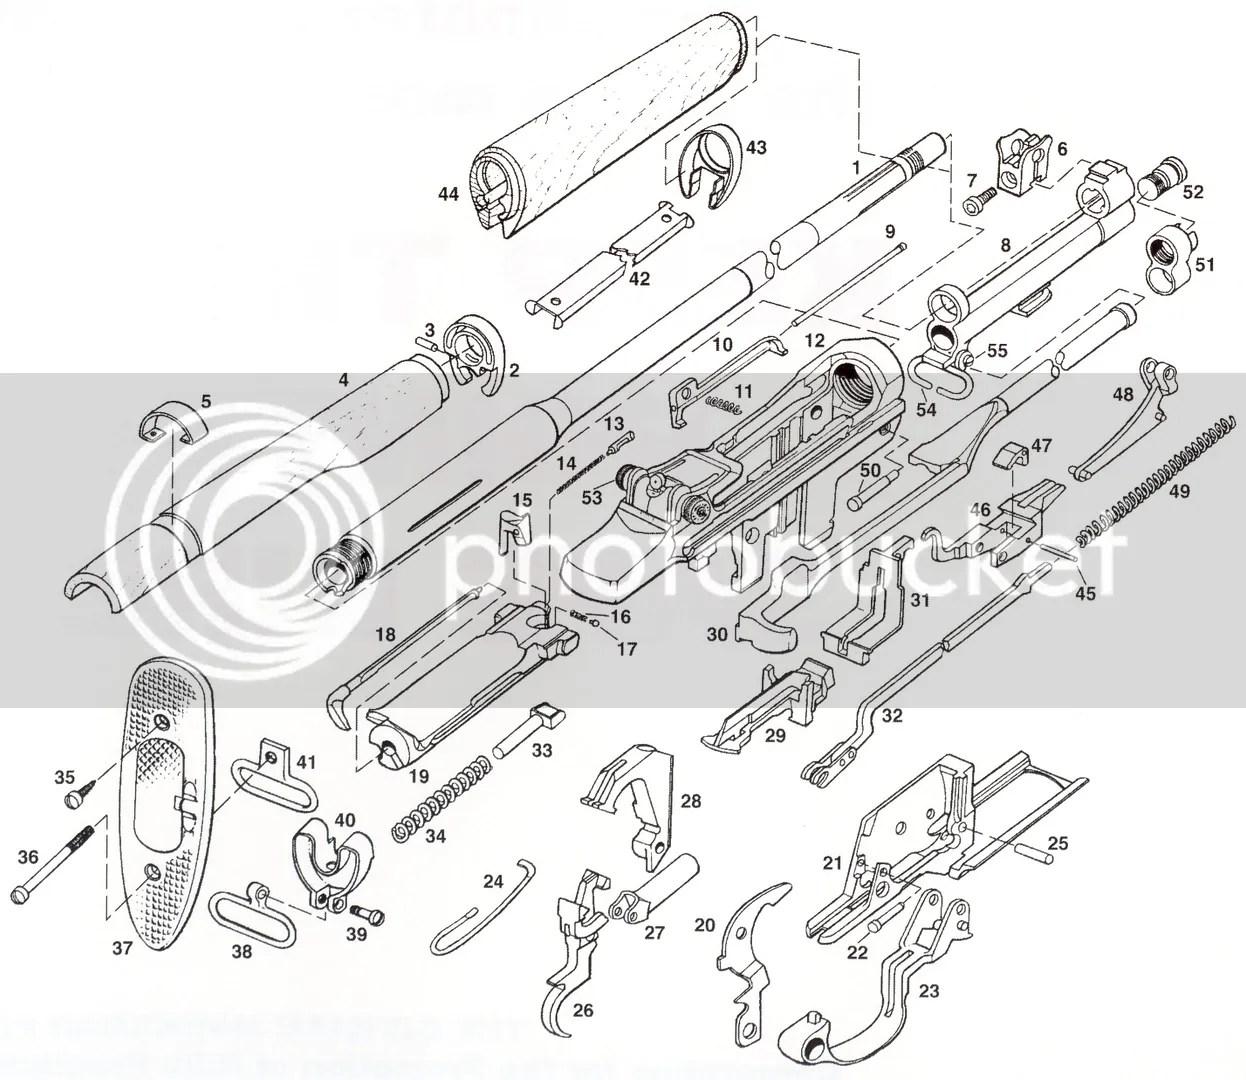 M14 Schematic